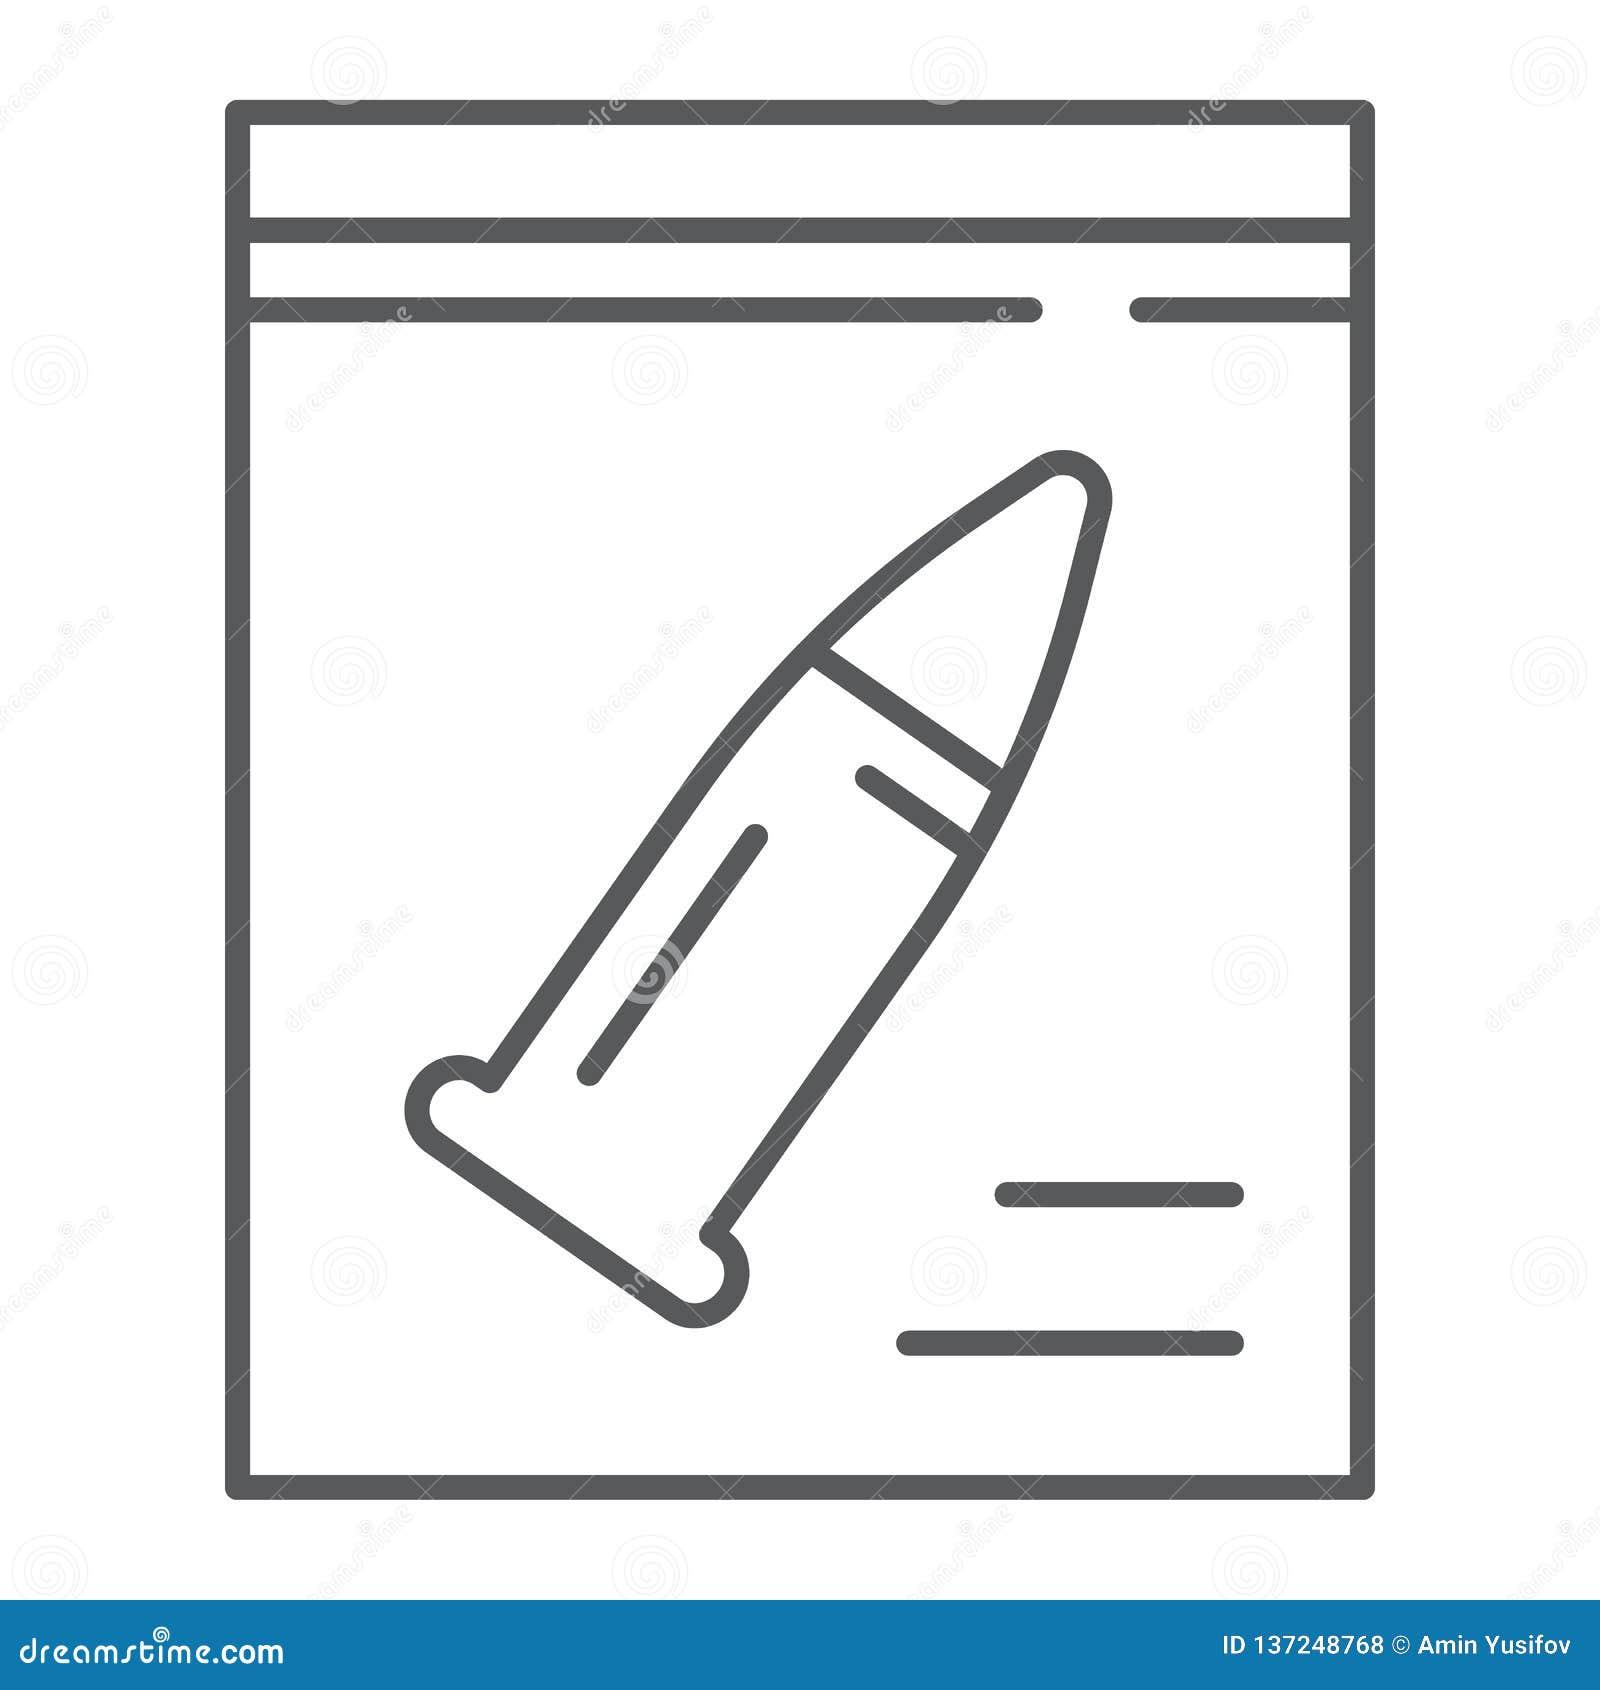 Tunn linje för tecken symbol, utredning och brottsligt, kulteckentecken, vektordiagram, en linjär modell på ett vitt